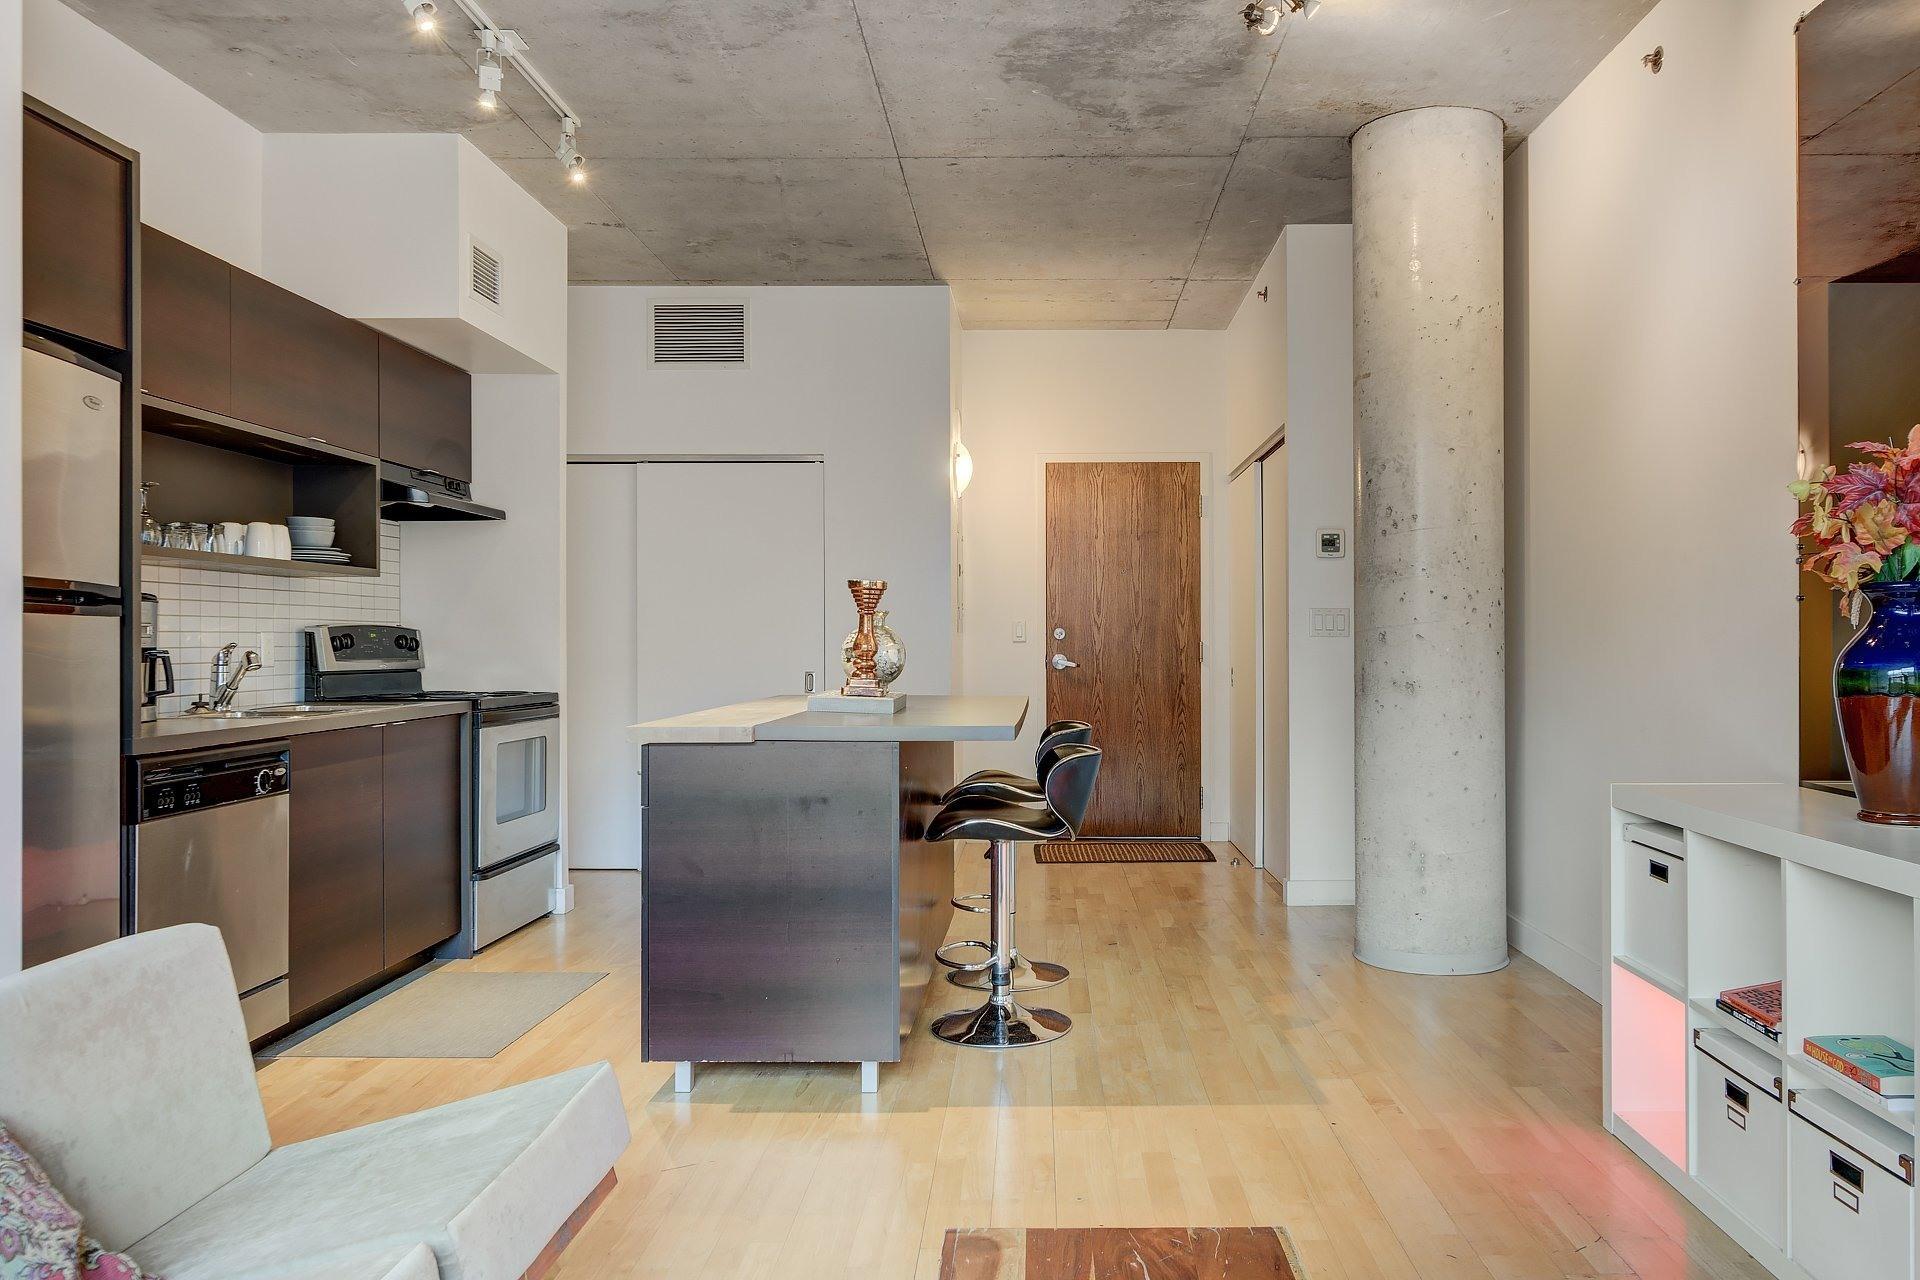 image 6 - Apartment For rent Ville-Marie Montréal  - 3 rooms